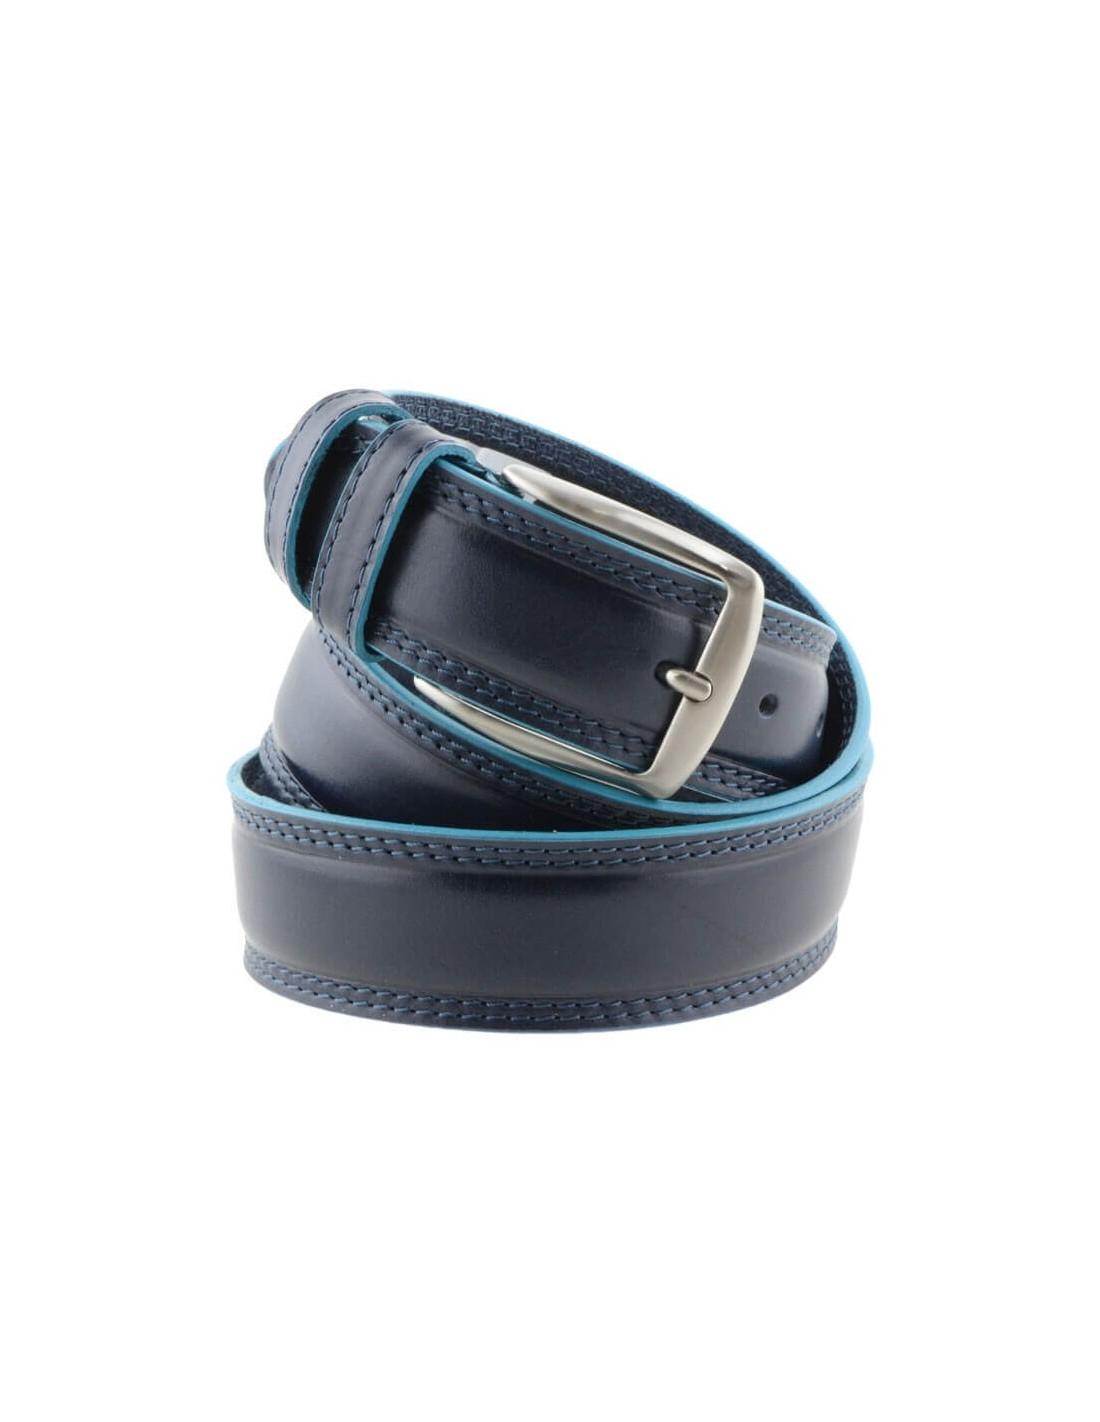 nuova collezione 46bf4 6cacc Cintura uomo in pelle blu con bordo celeste